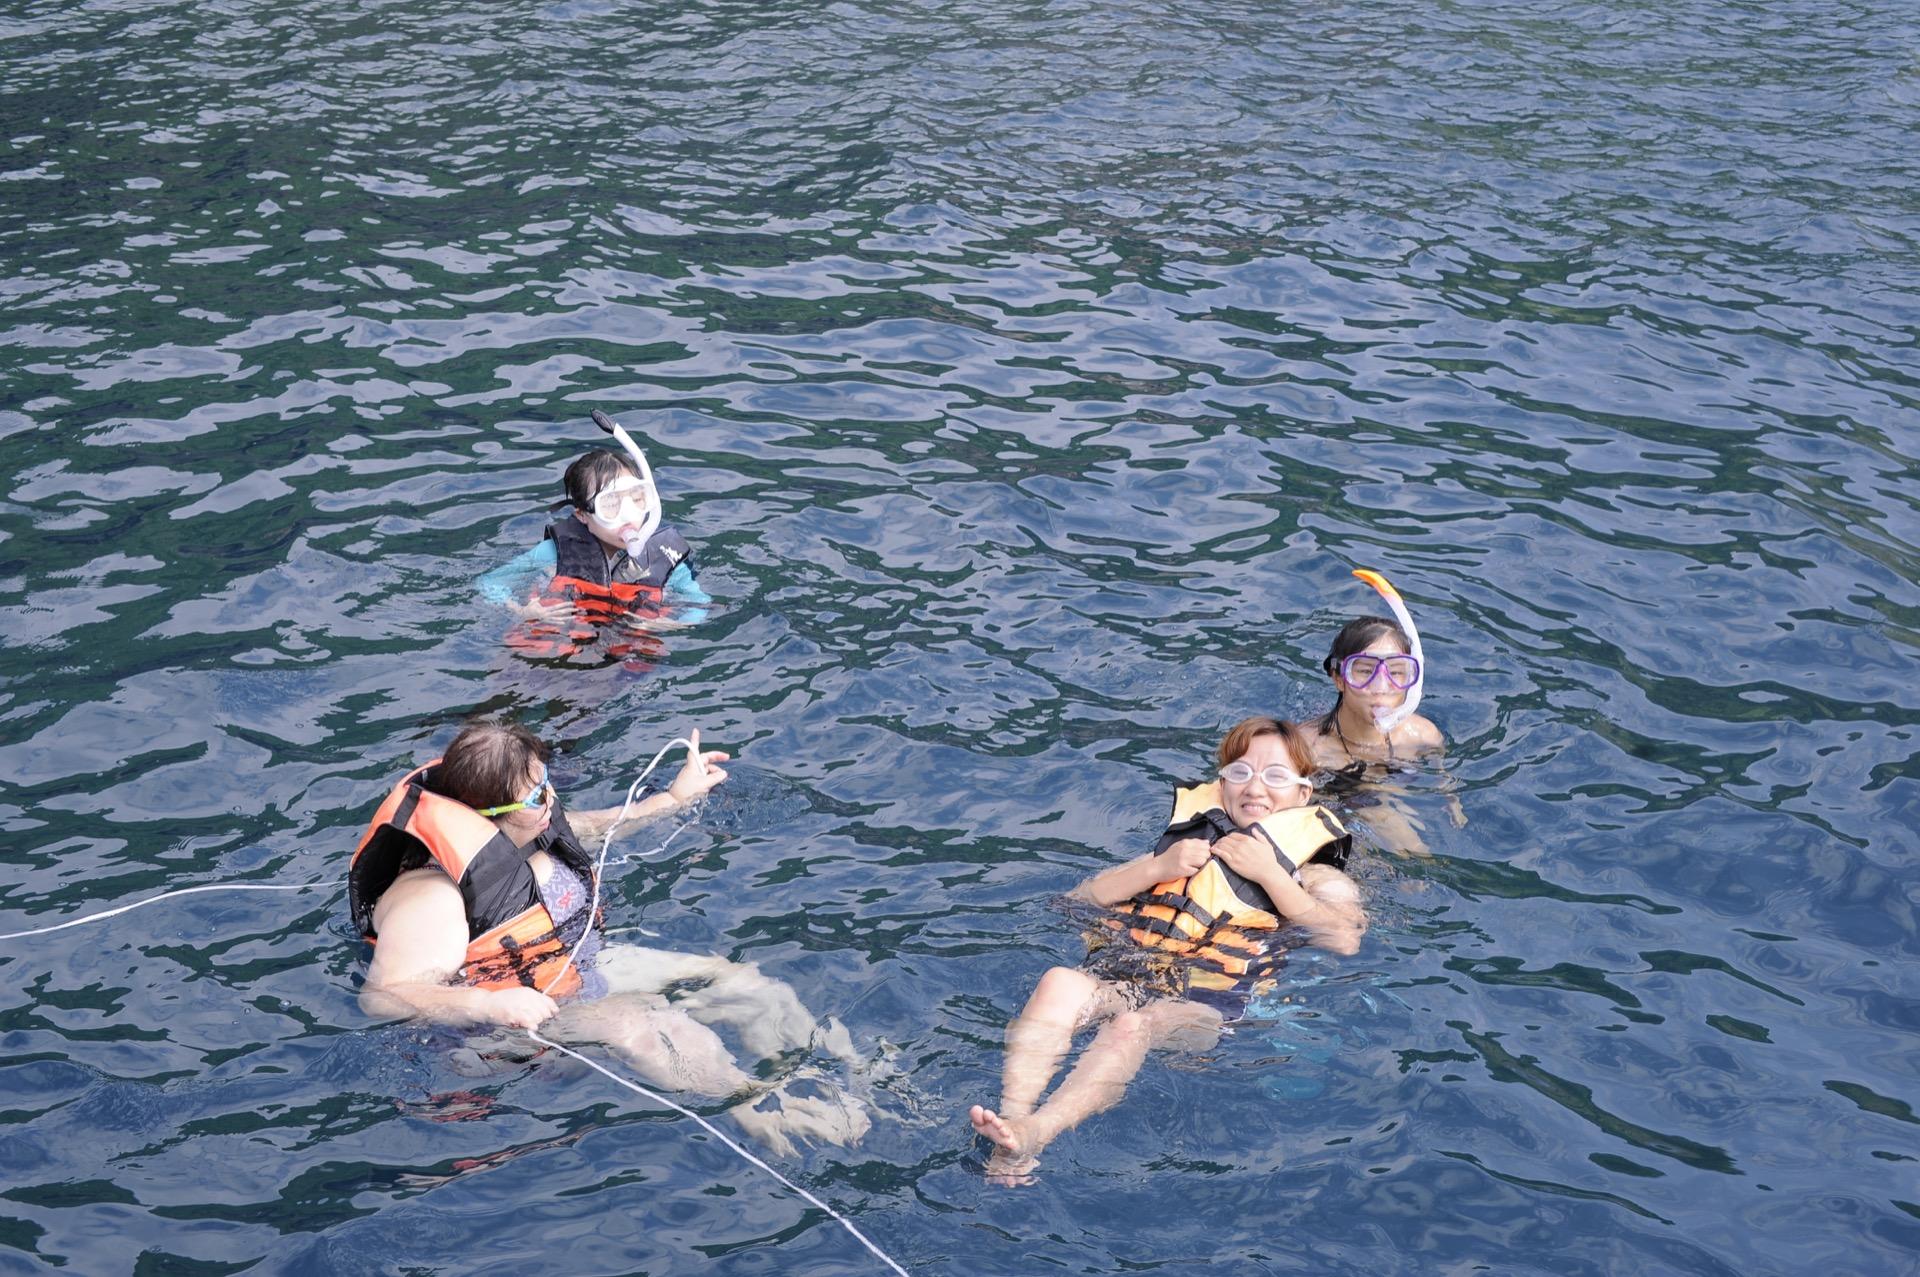 德築-DEZU-project-Fun3sport-snorkeling-ocean-4